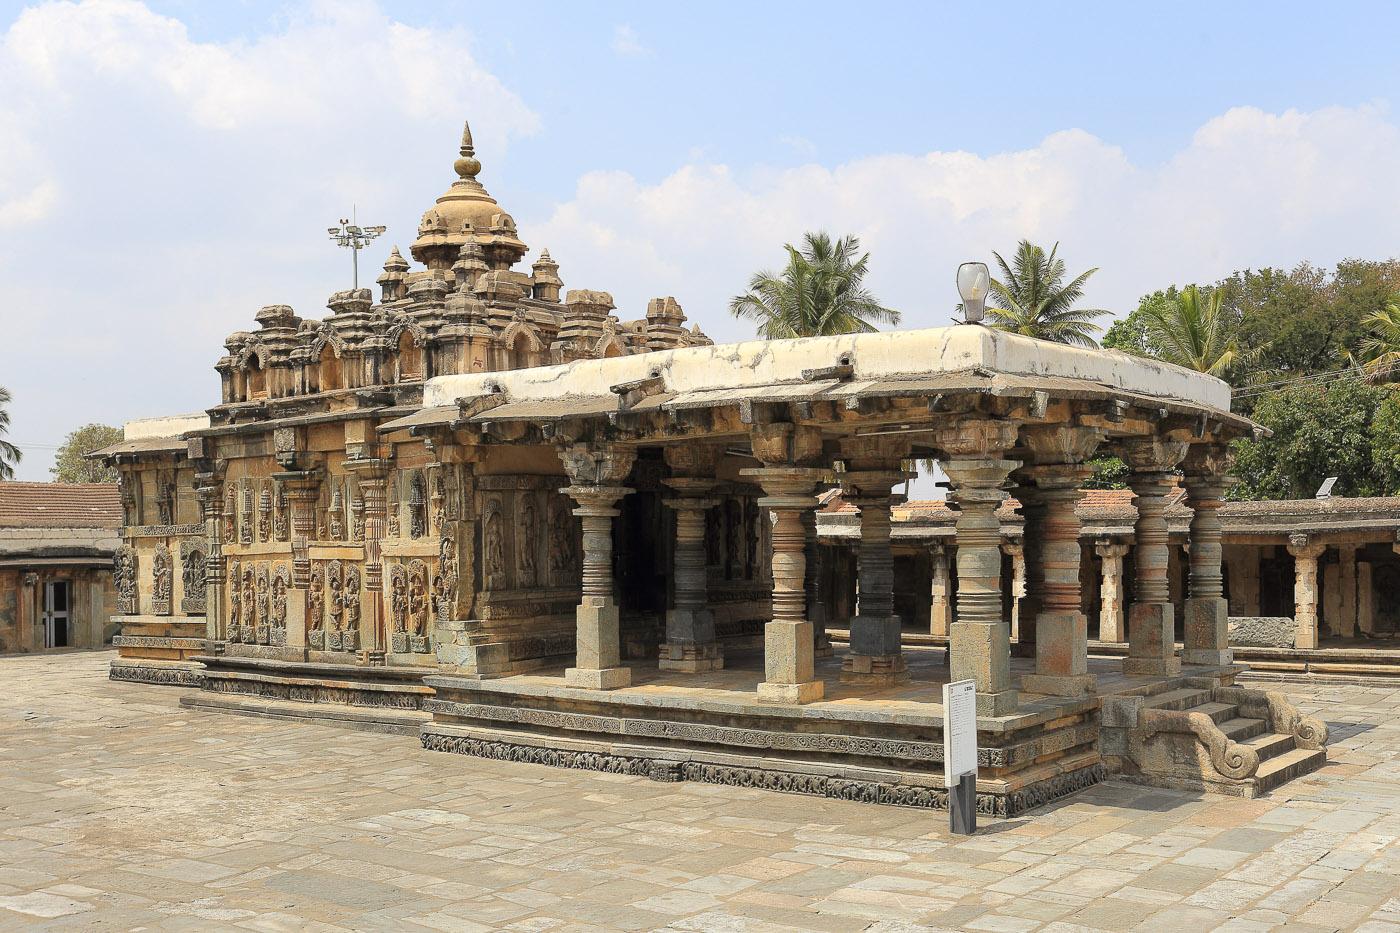 Фотография №21. Ranganayaki Temple. Храм в ансамбле Ченнакесава. Отзывы об экскурсии в город Белур в Карнатаке. Незабываемое путешествие по Индии. 1/60, -1 eV, f 10, 35mm, ISO 100